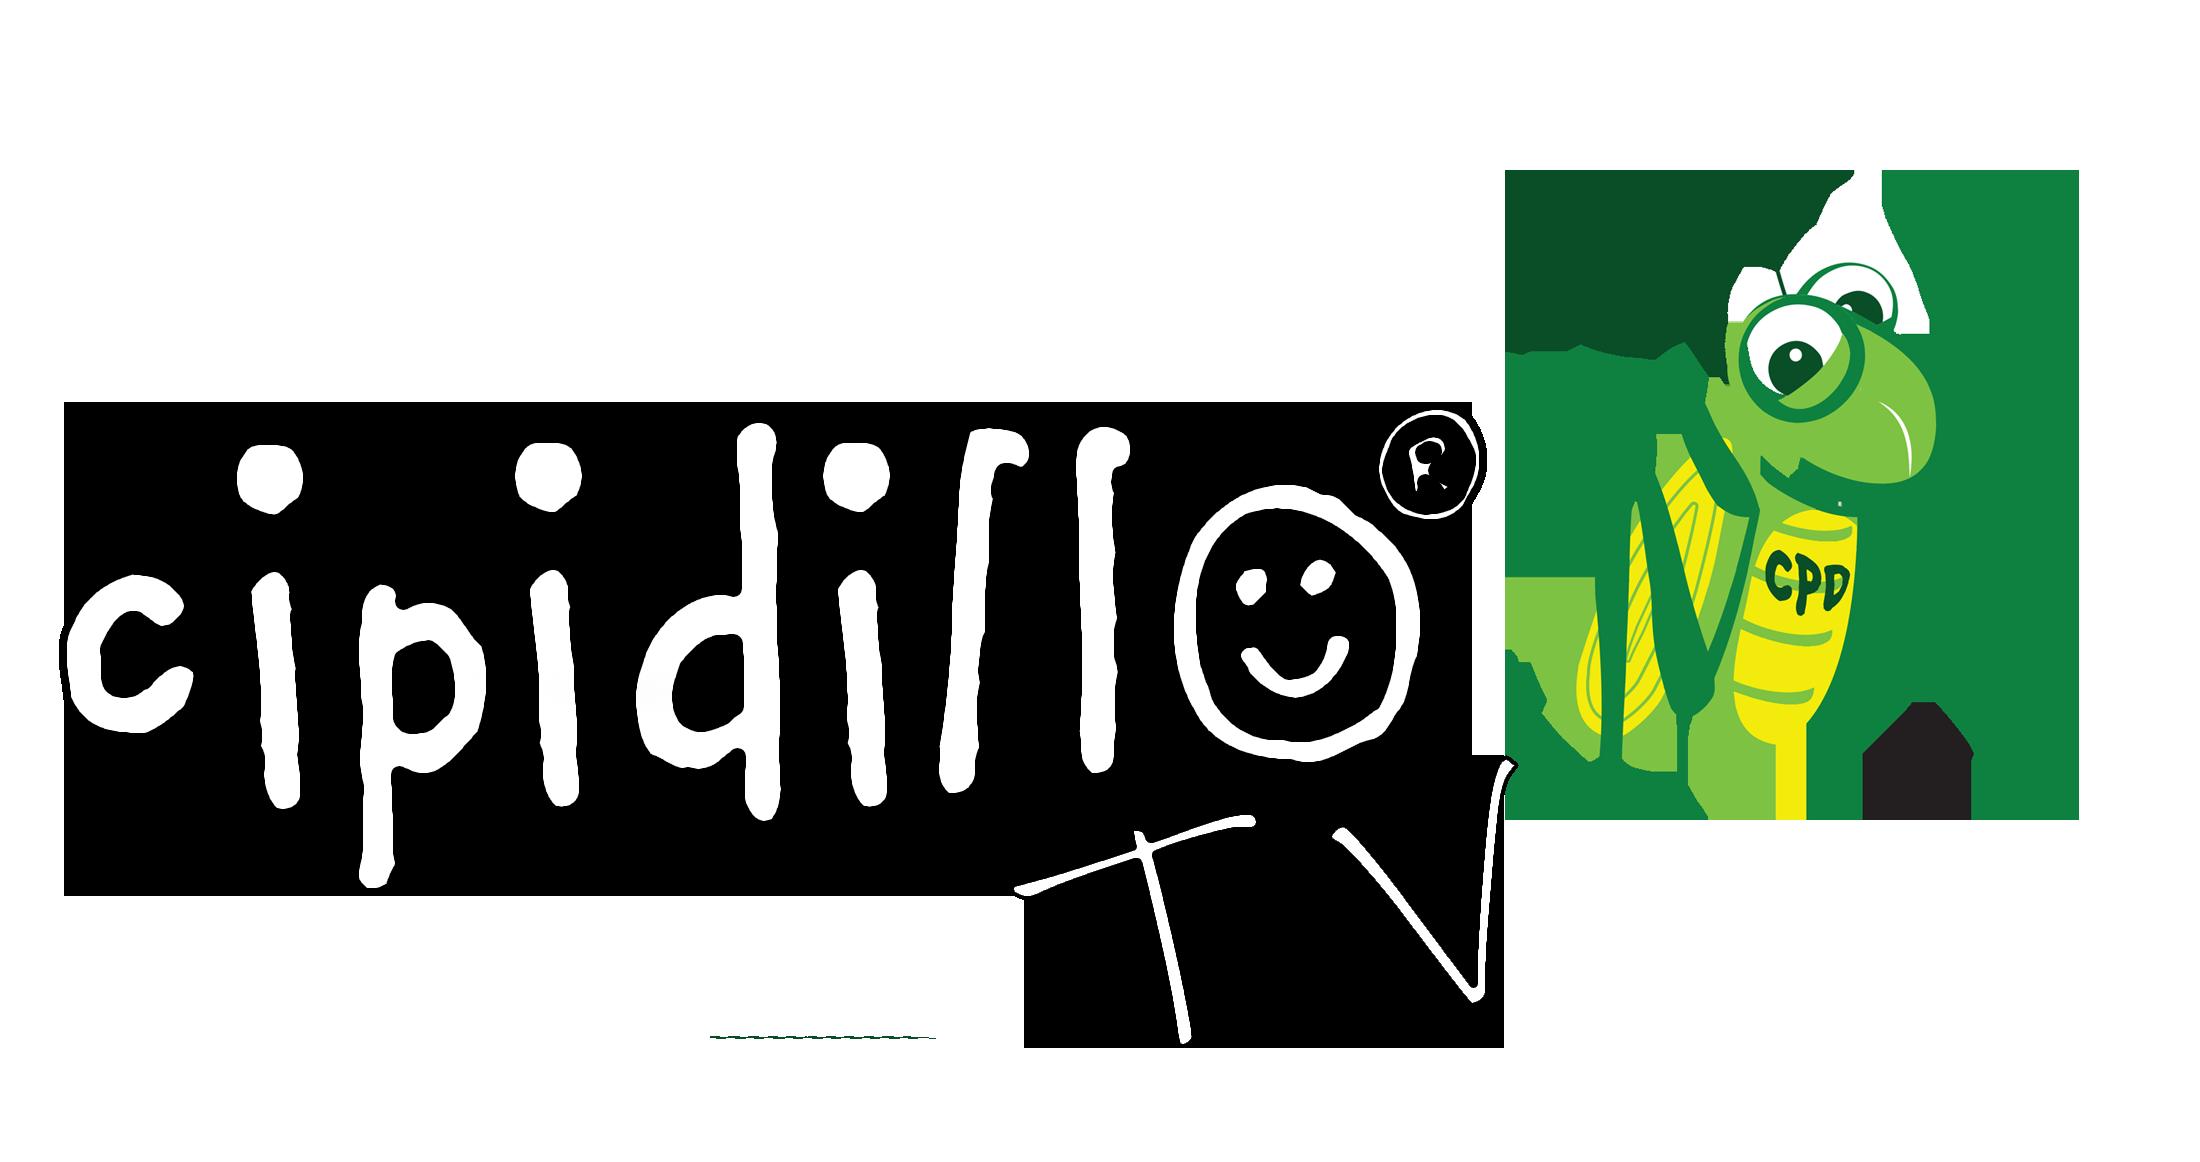 La CipidilloTv sta arrivando!